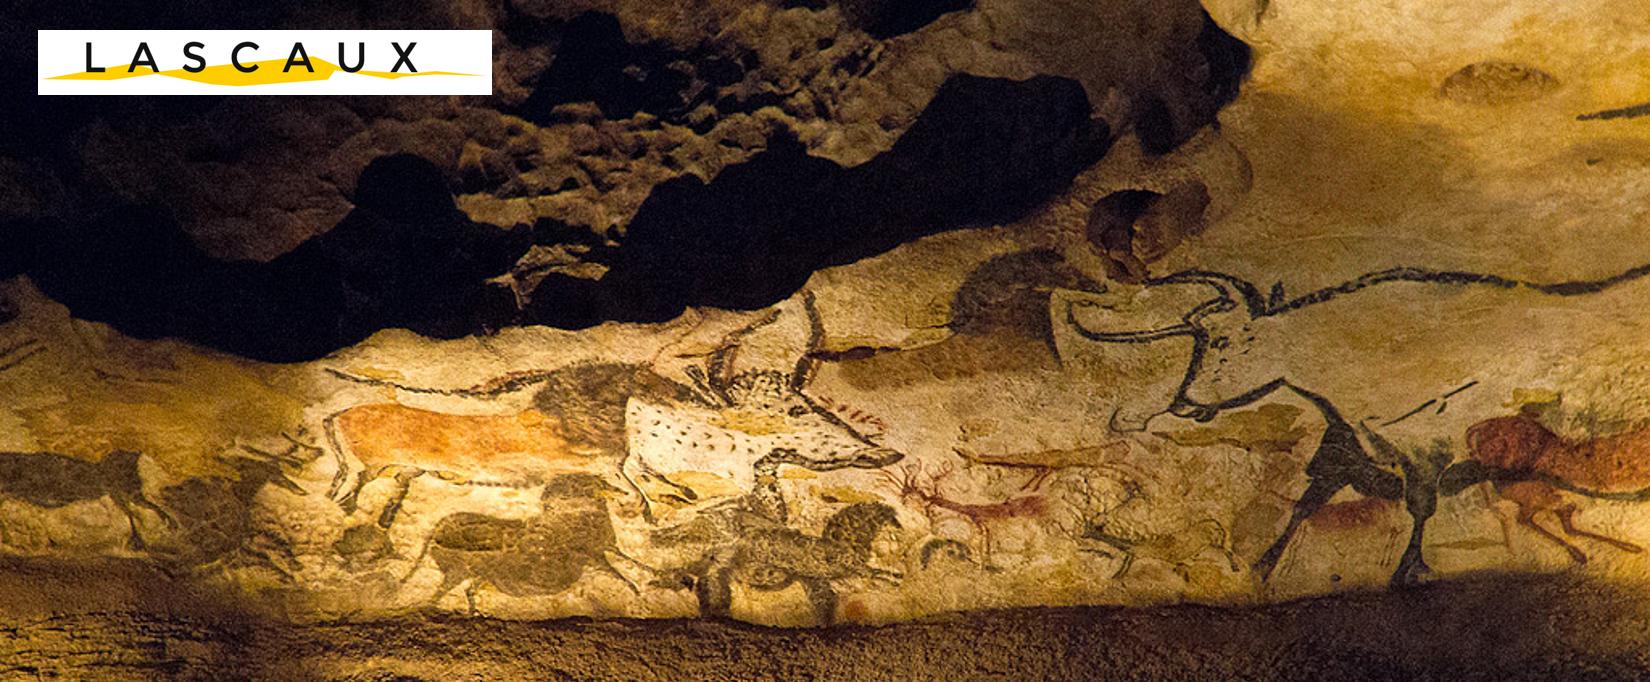 Lascaux 4, l'art préhistorique est de retour !